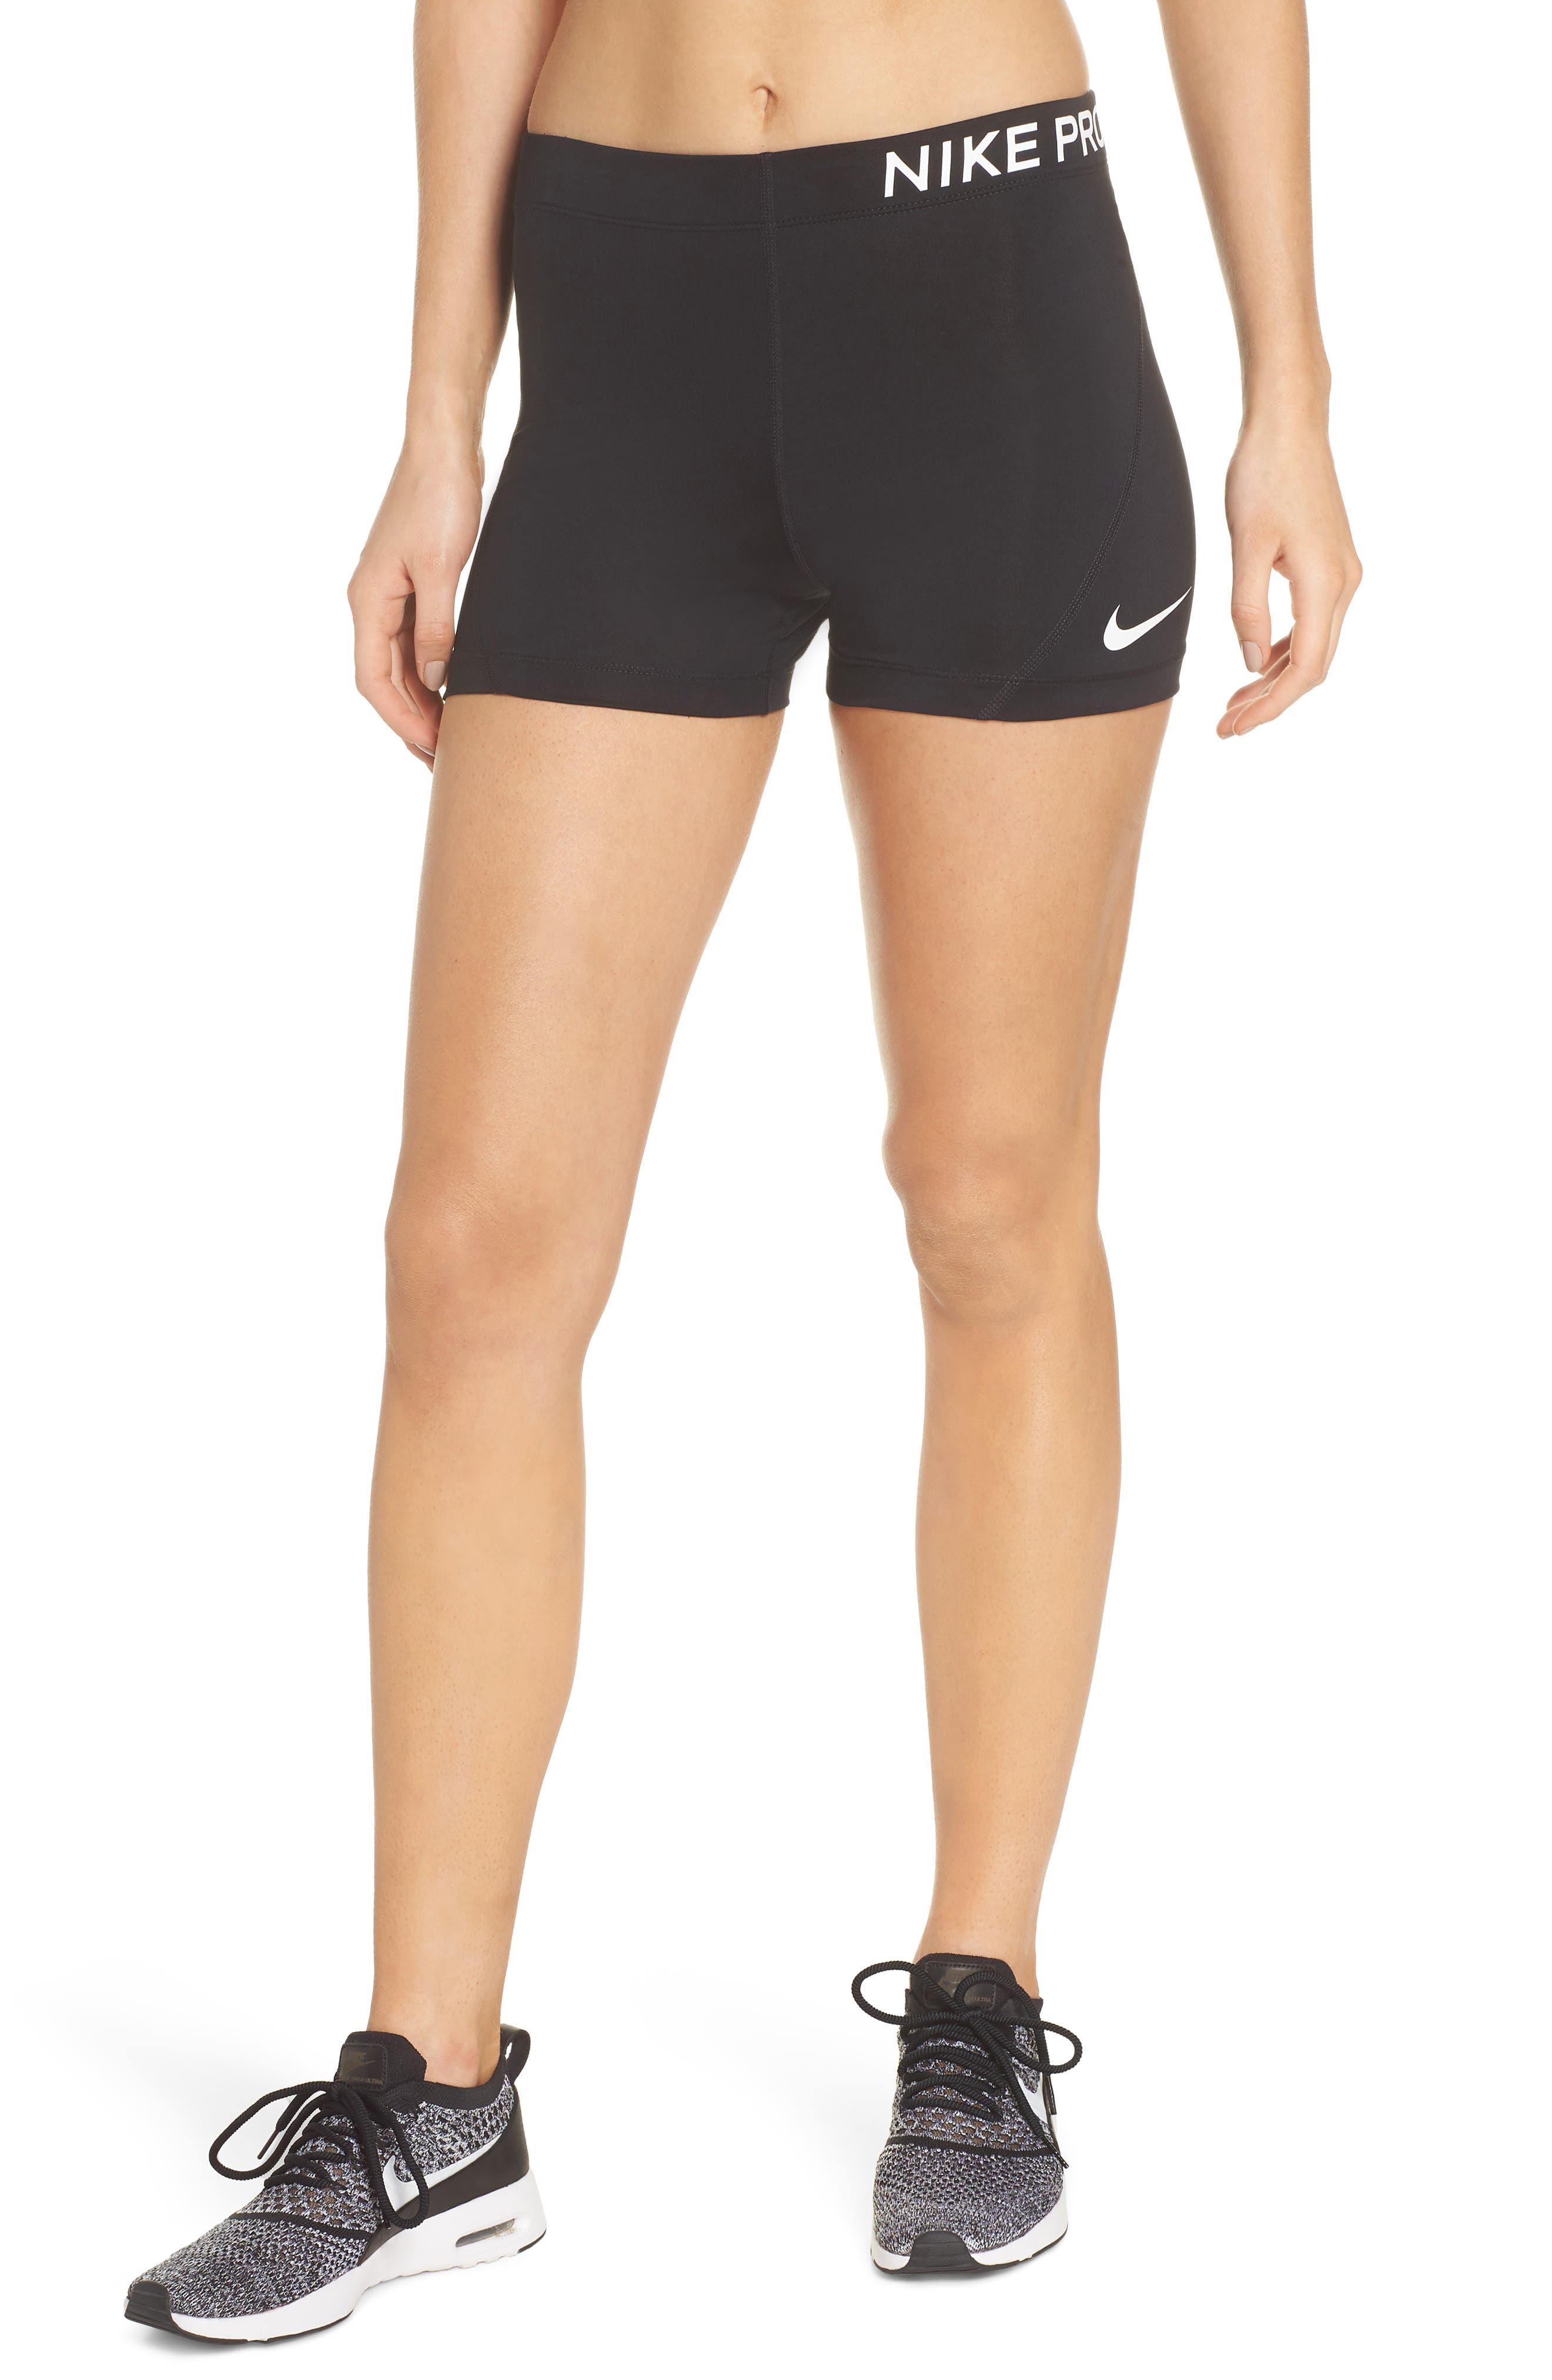 Pro Short Shorts,                             Main thumbnail 1, color,                             Black/ White